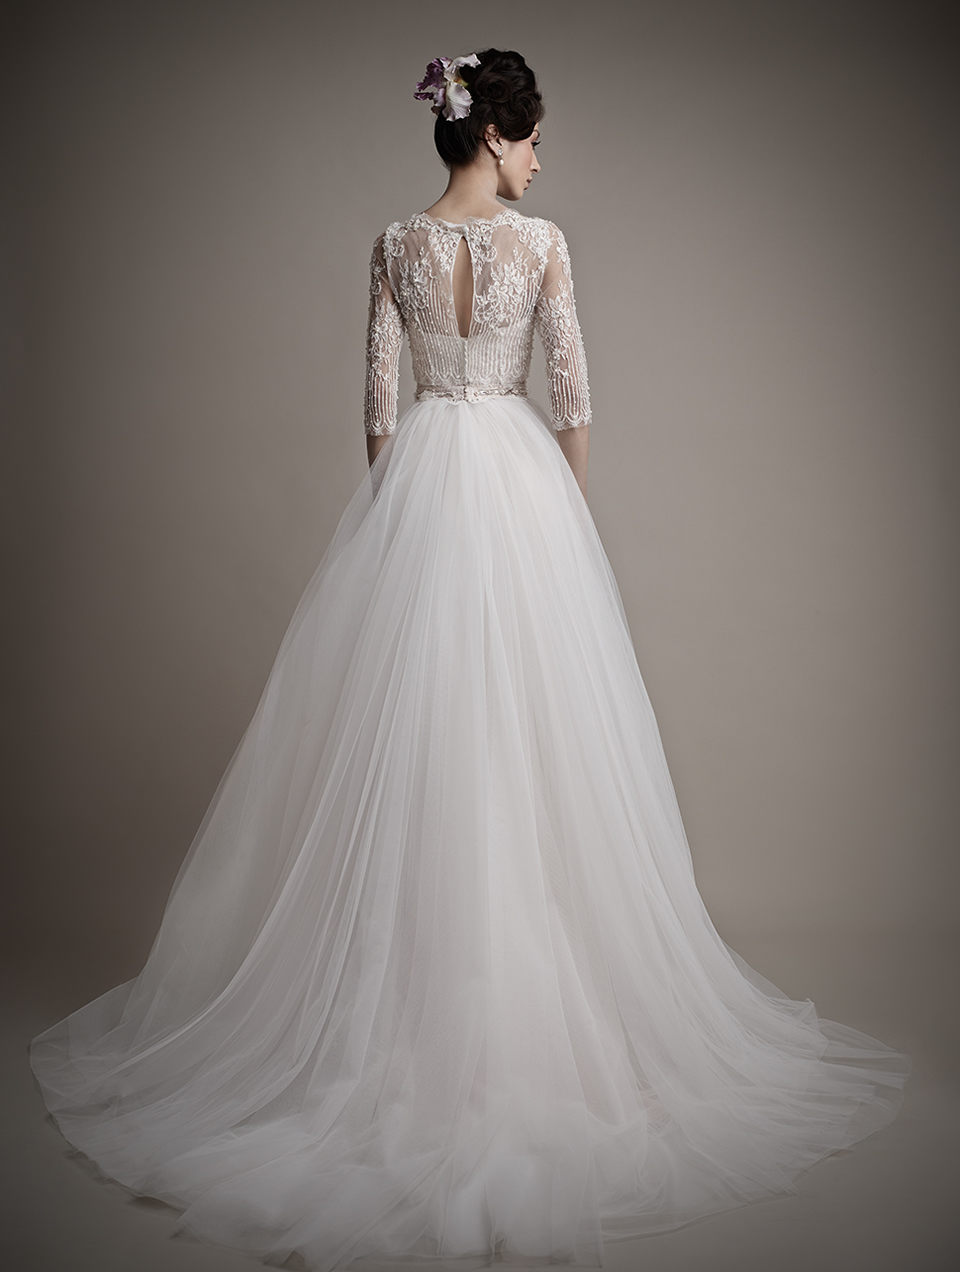 Коллекция свадебных платьев 2015 года от Ersa Atelier16-1